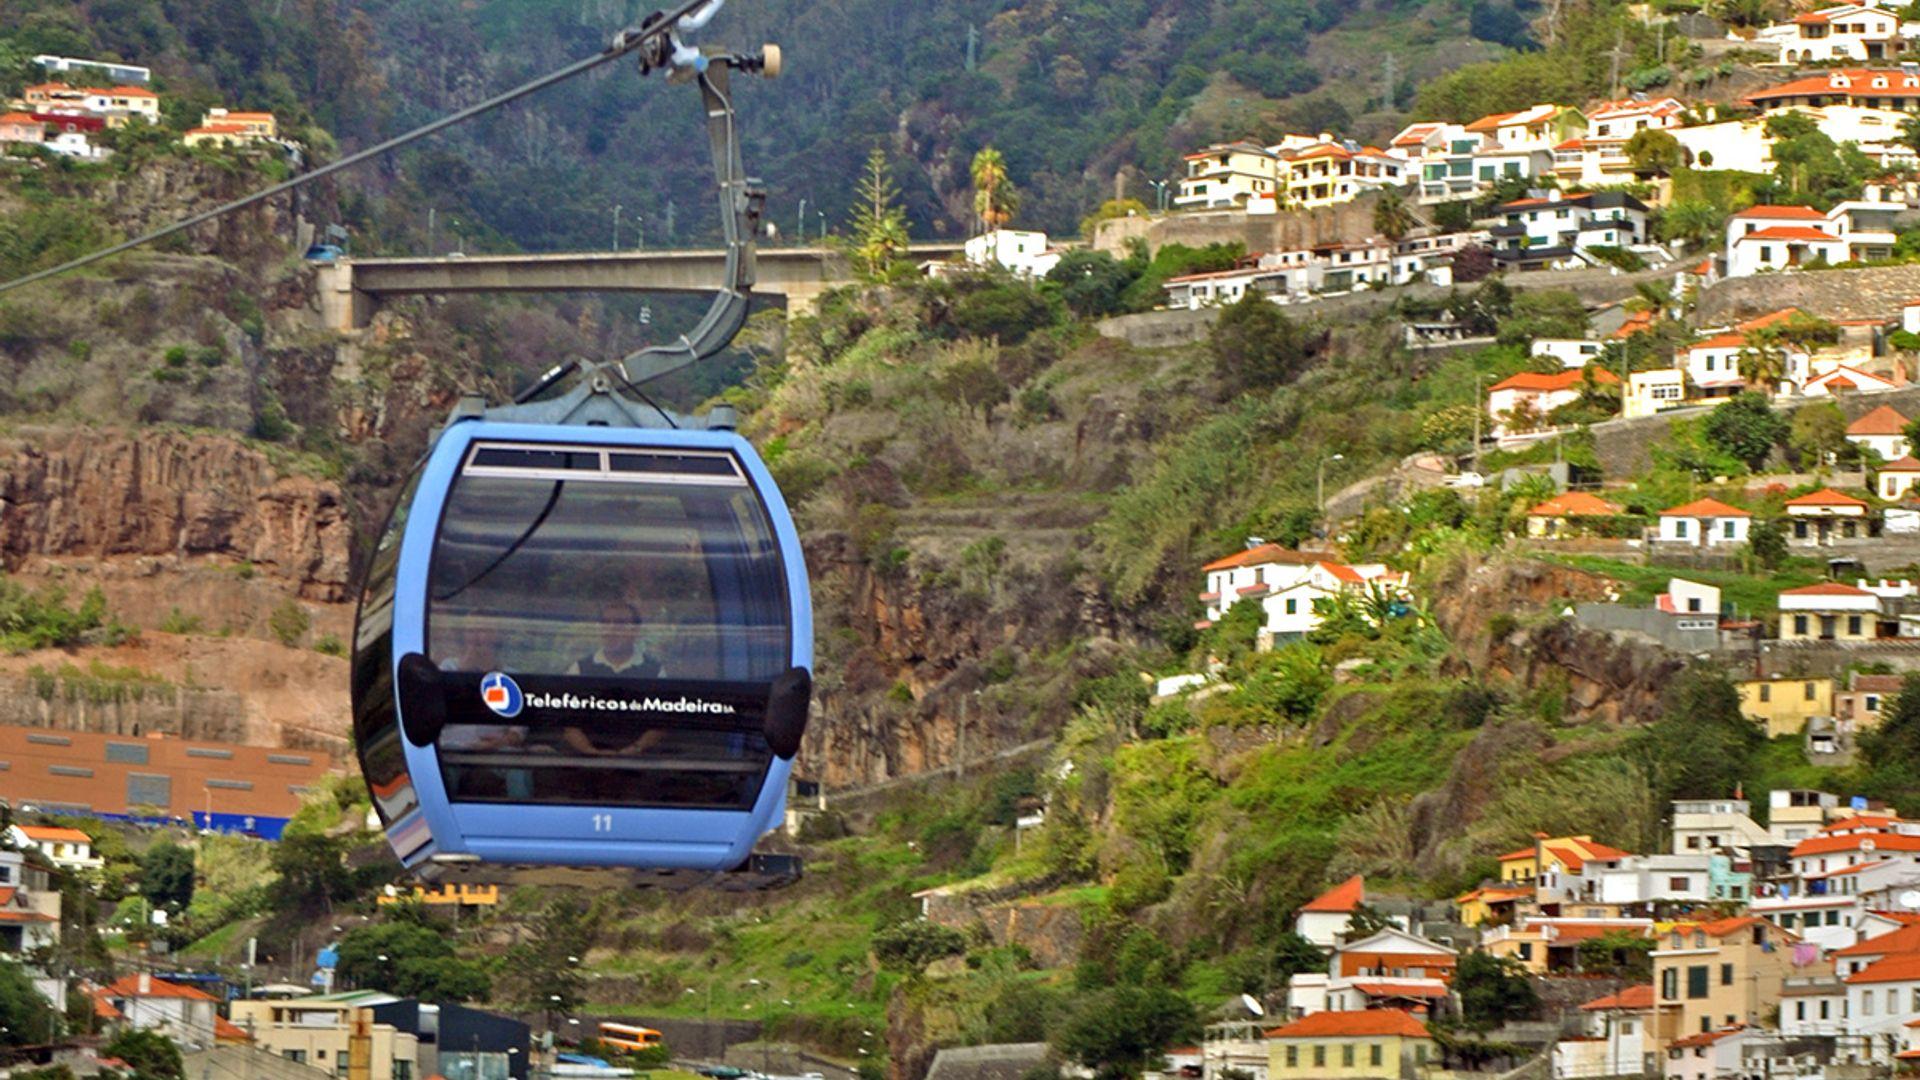 Sejur Charter Madeira, 8 zile - martie 2022